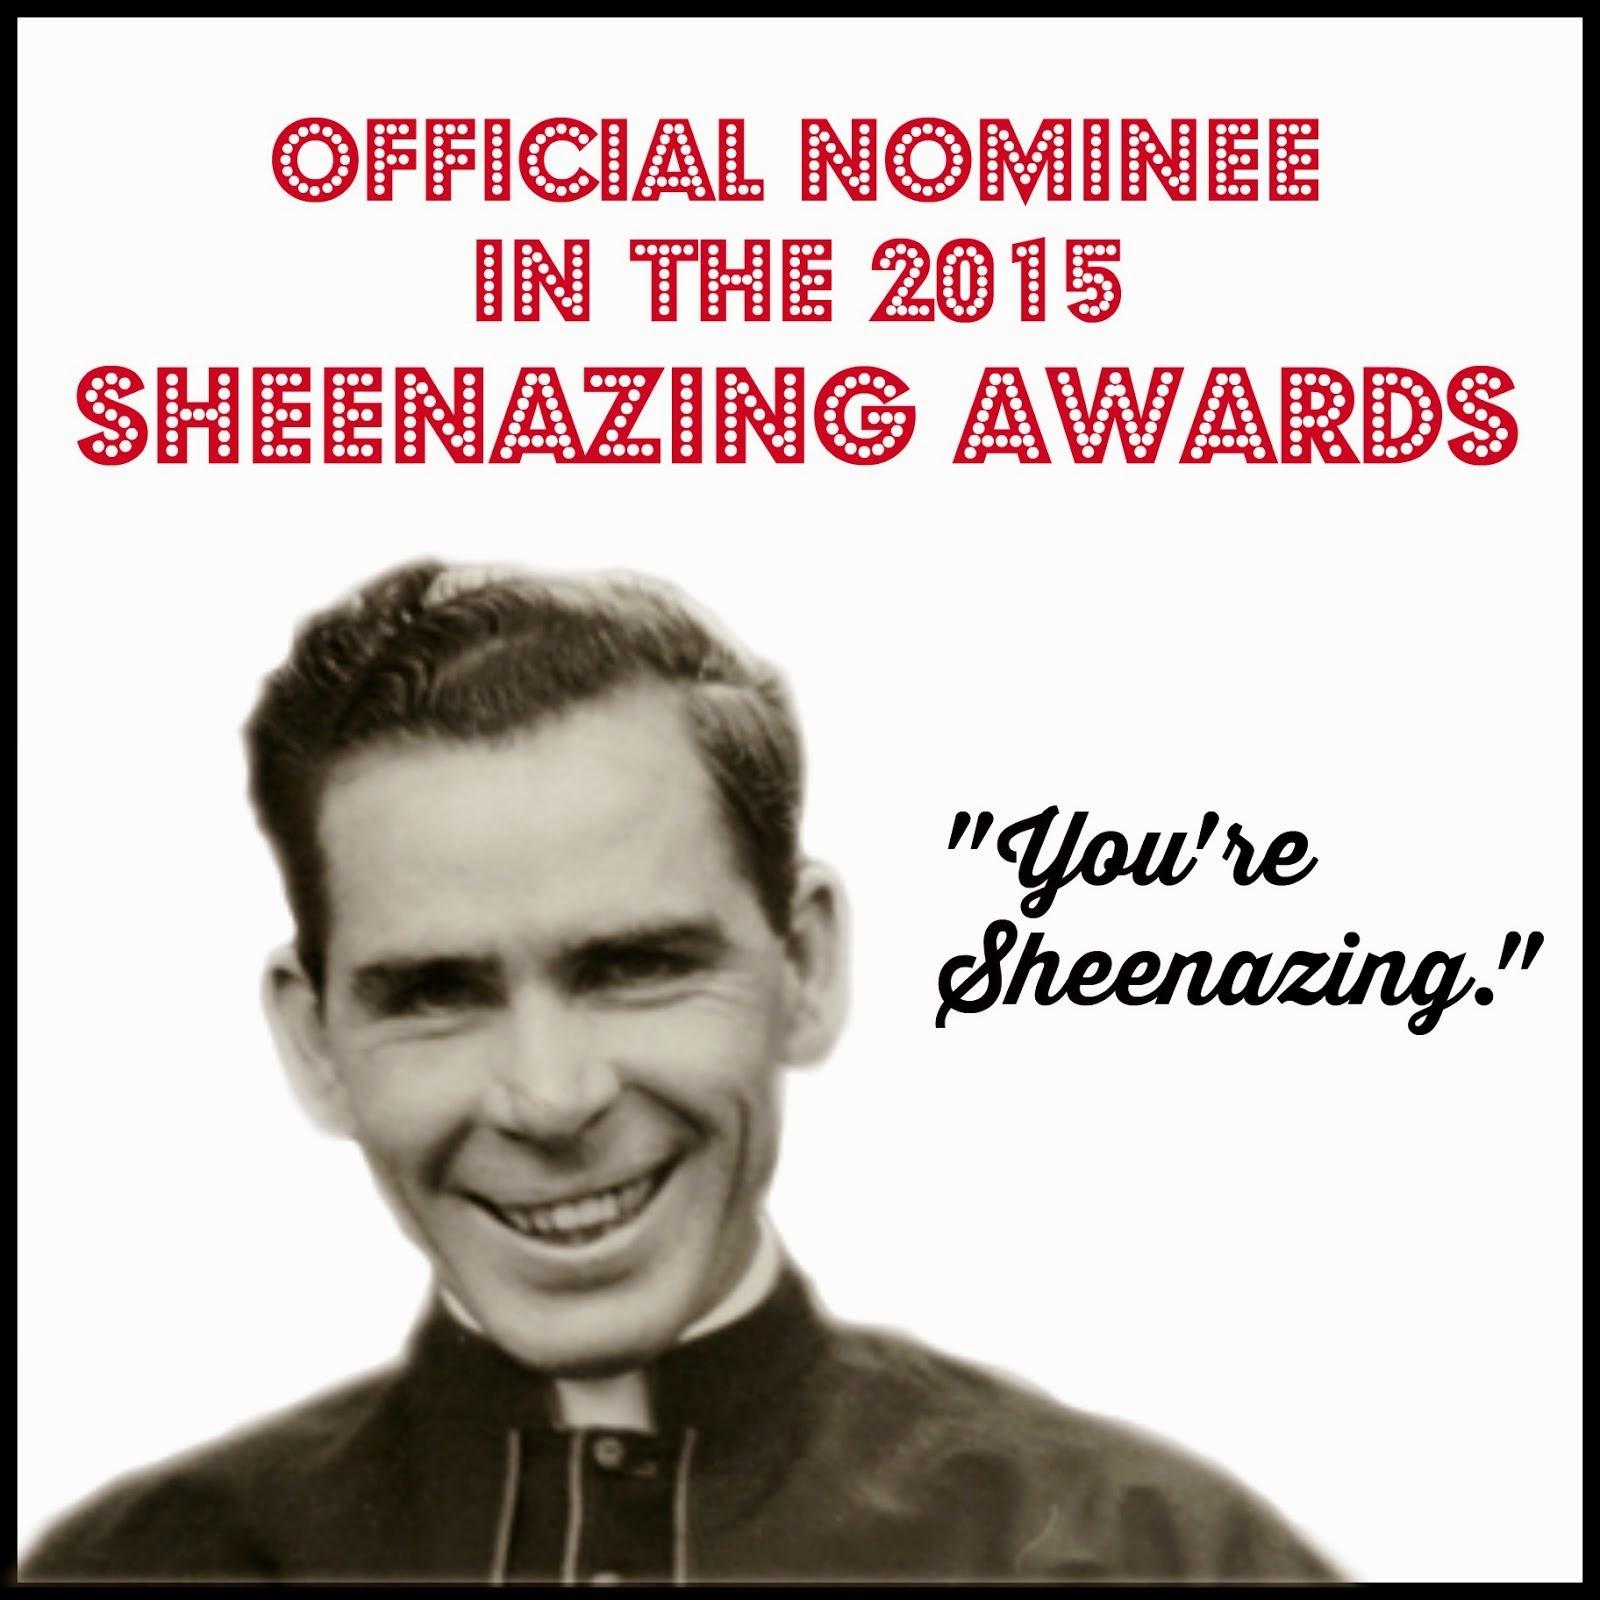 Sheenazing Awards!